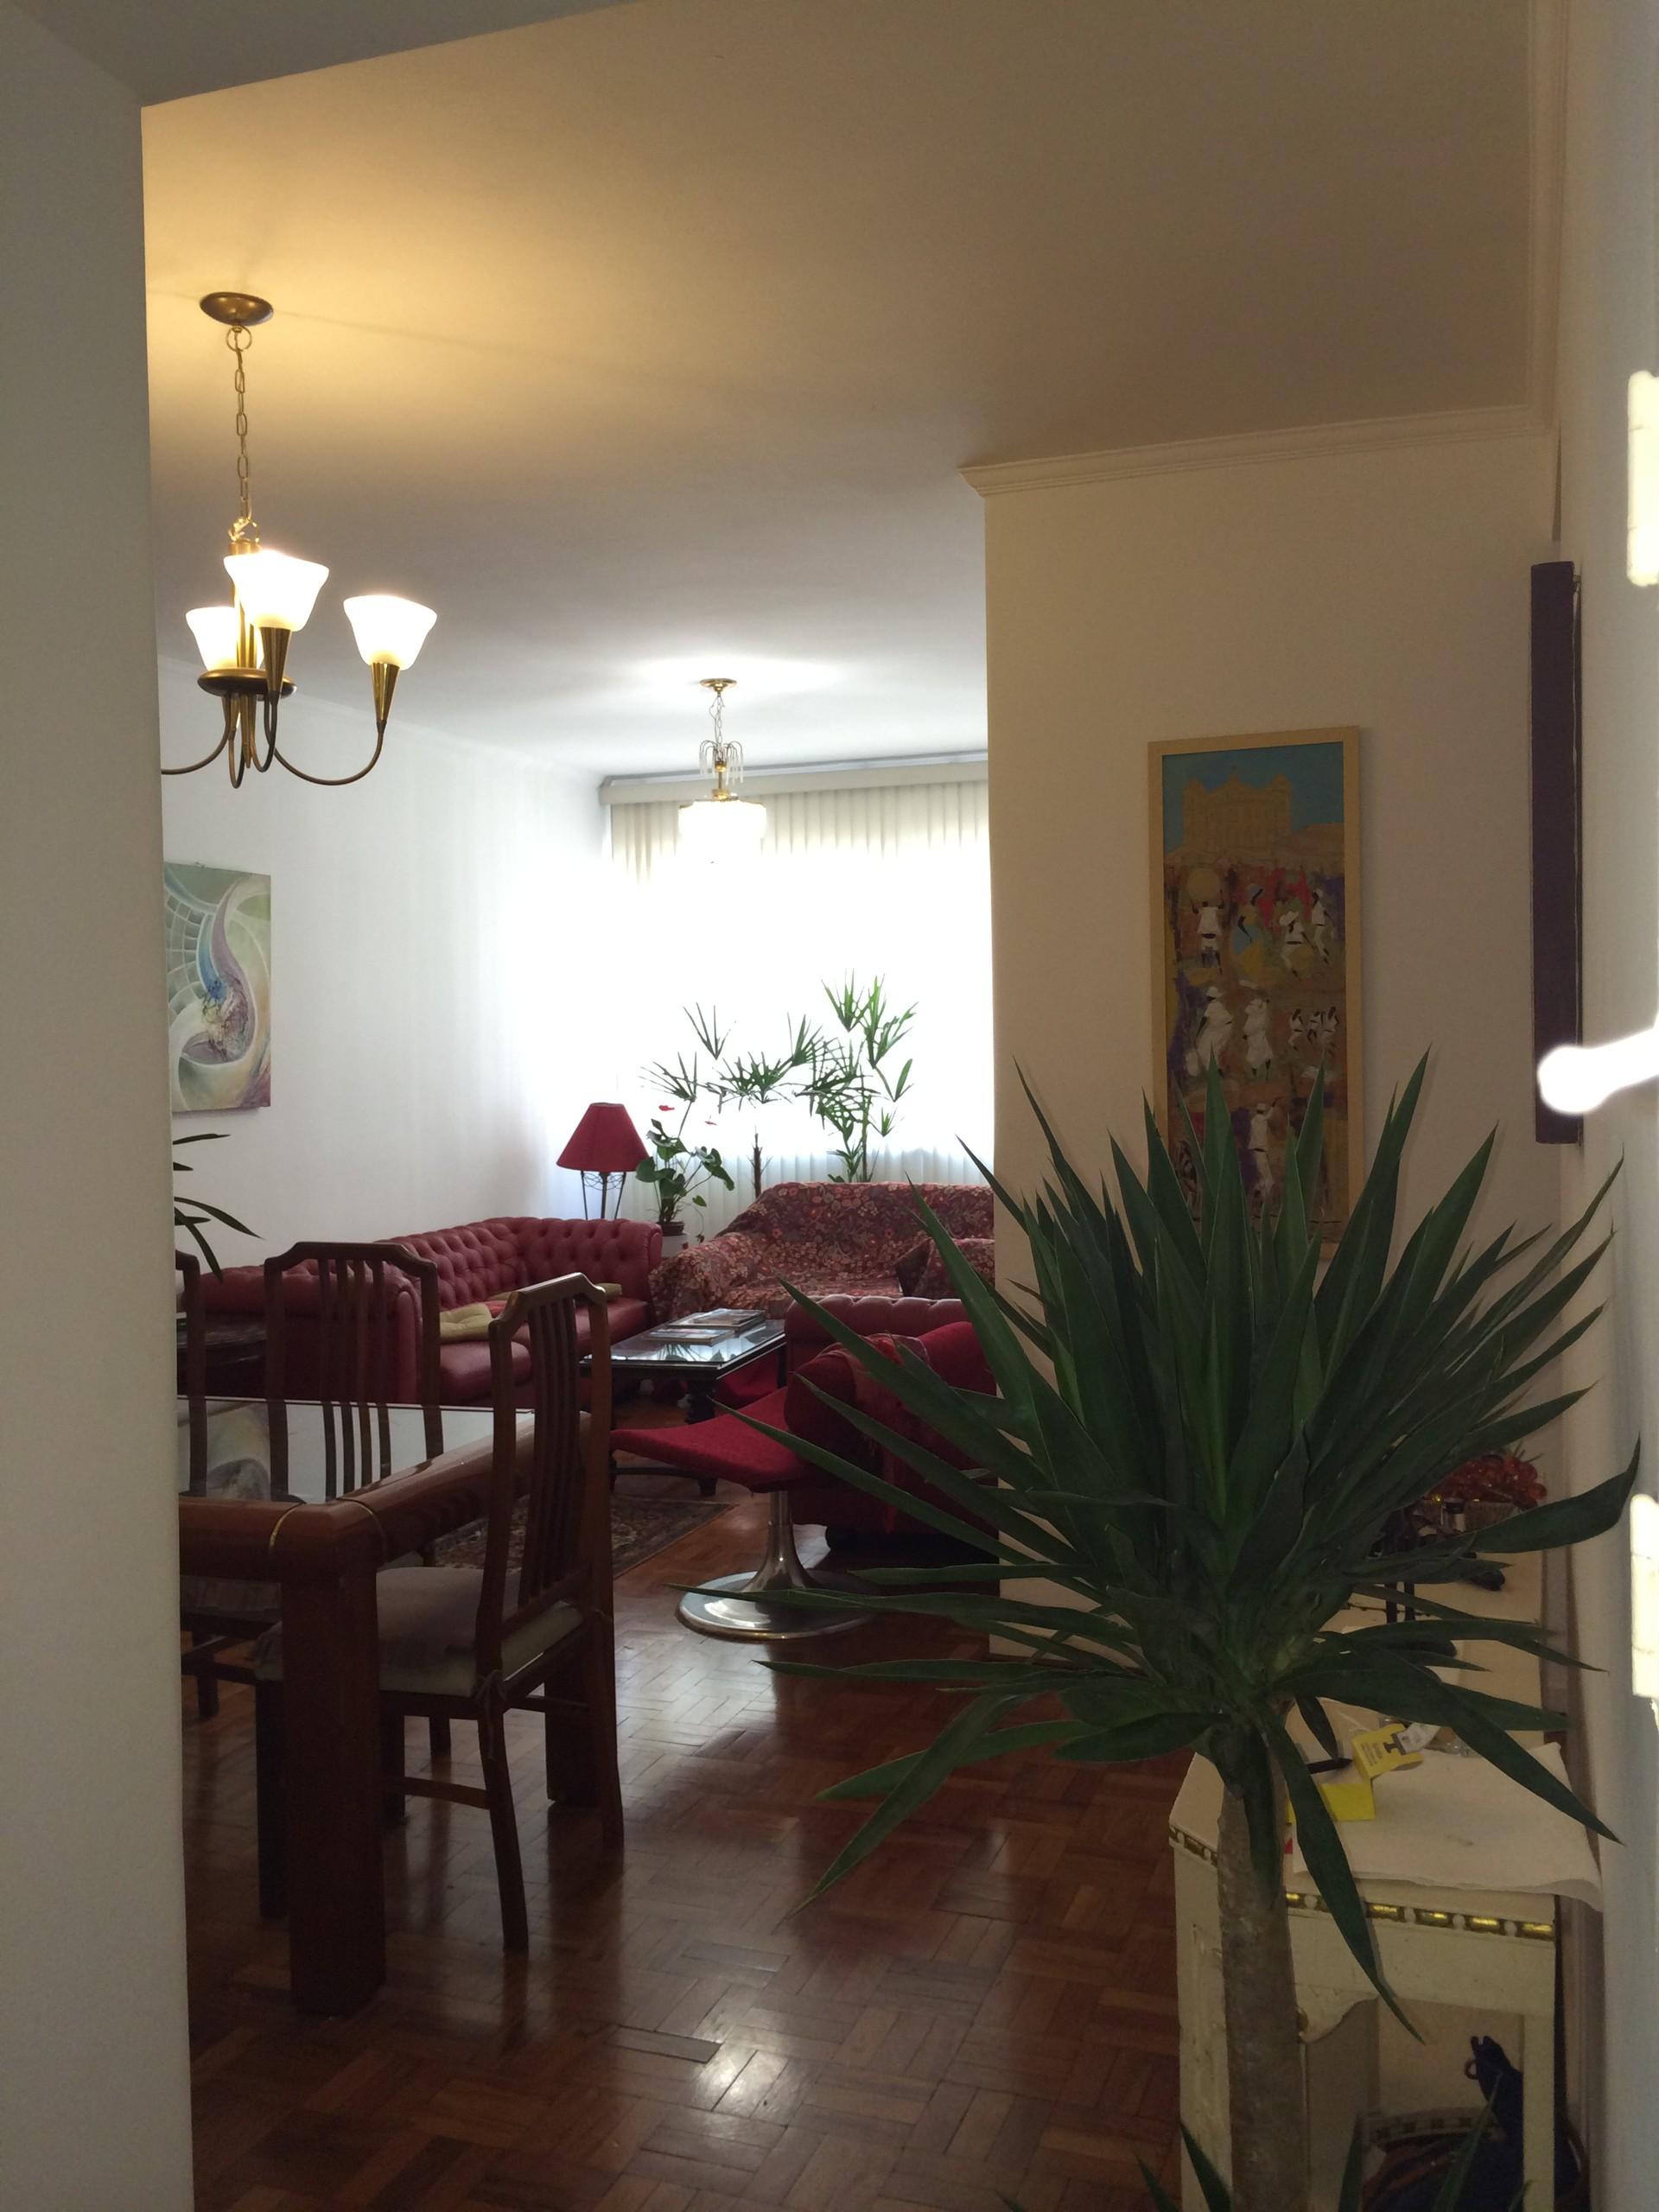 JARDINS - Confortable furnished room